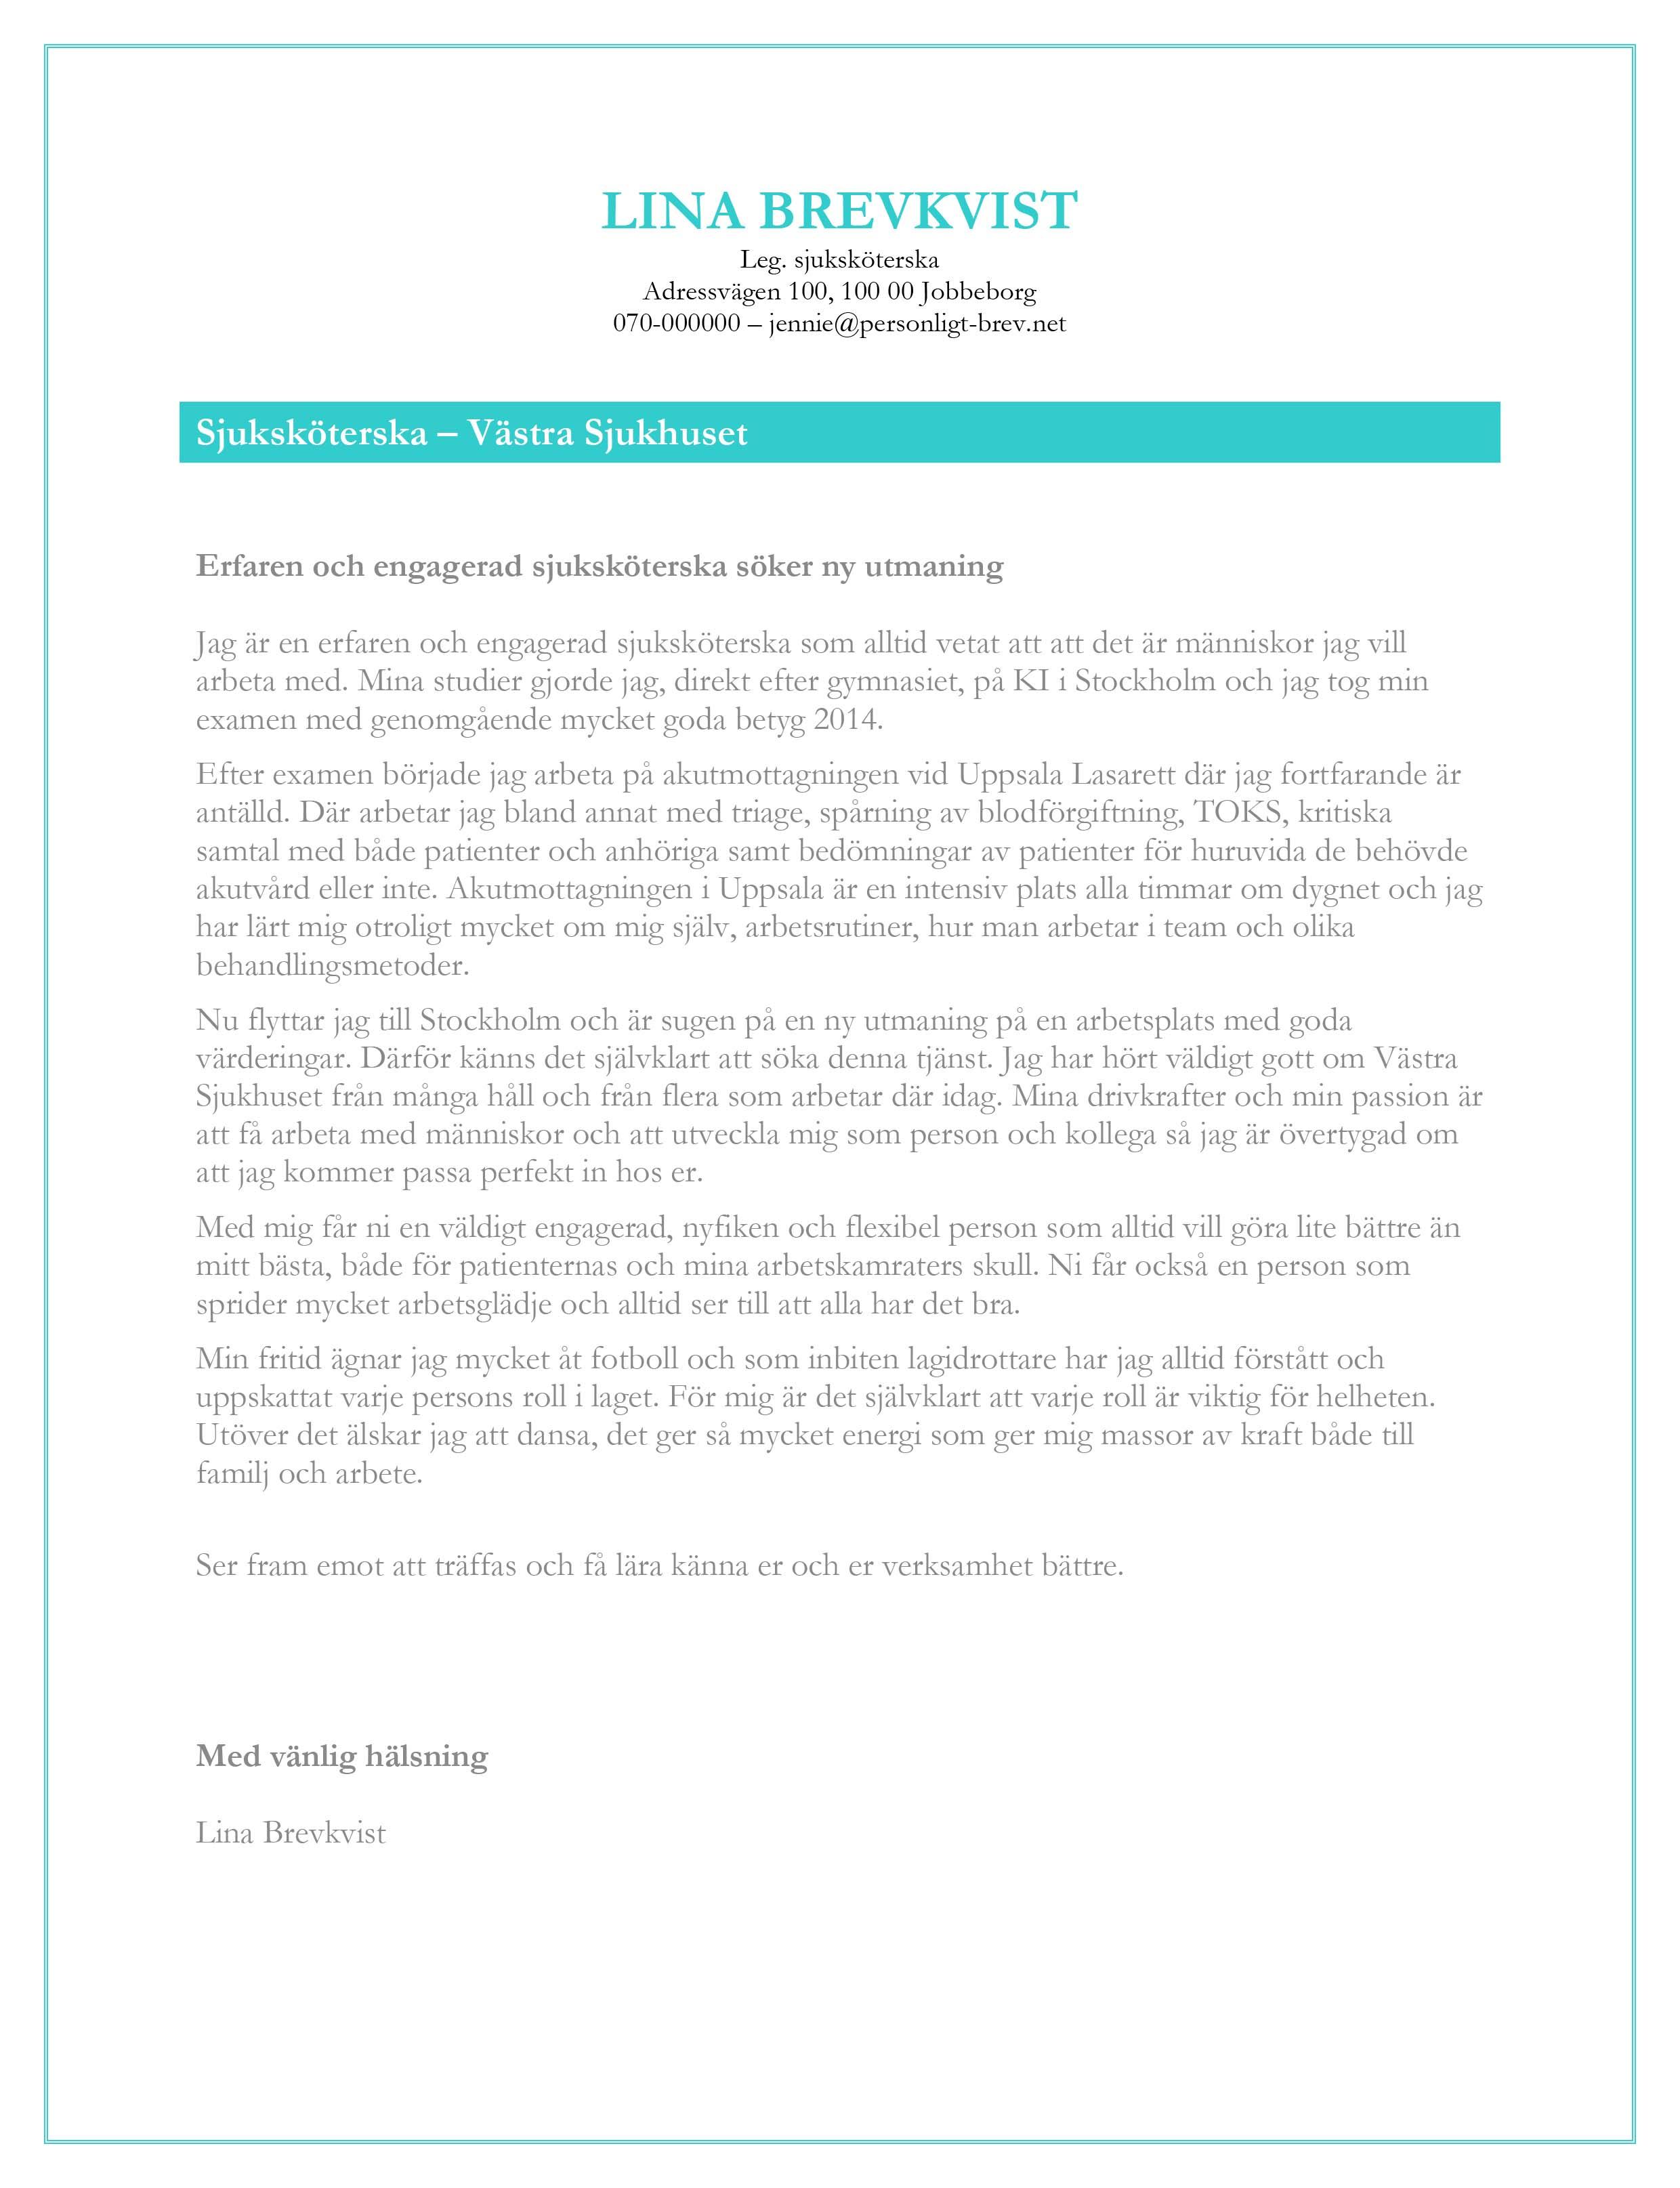 Personligt brev sjuksköterska